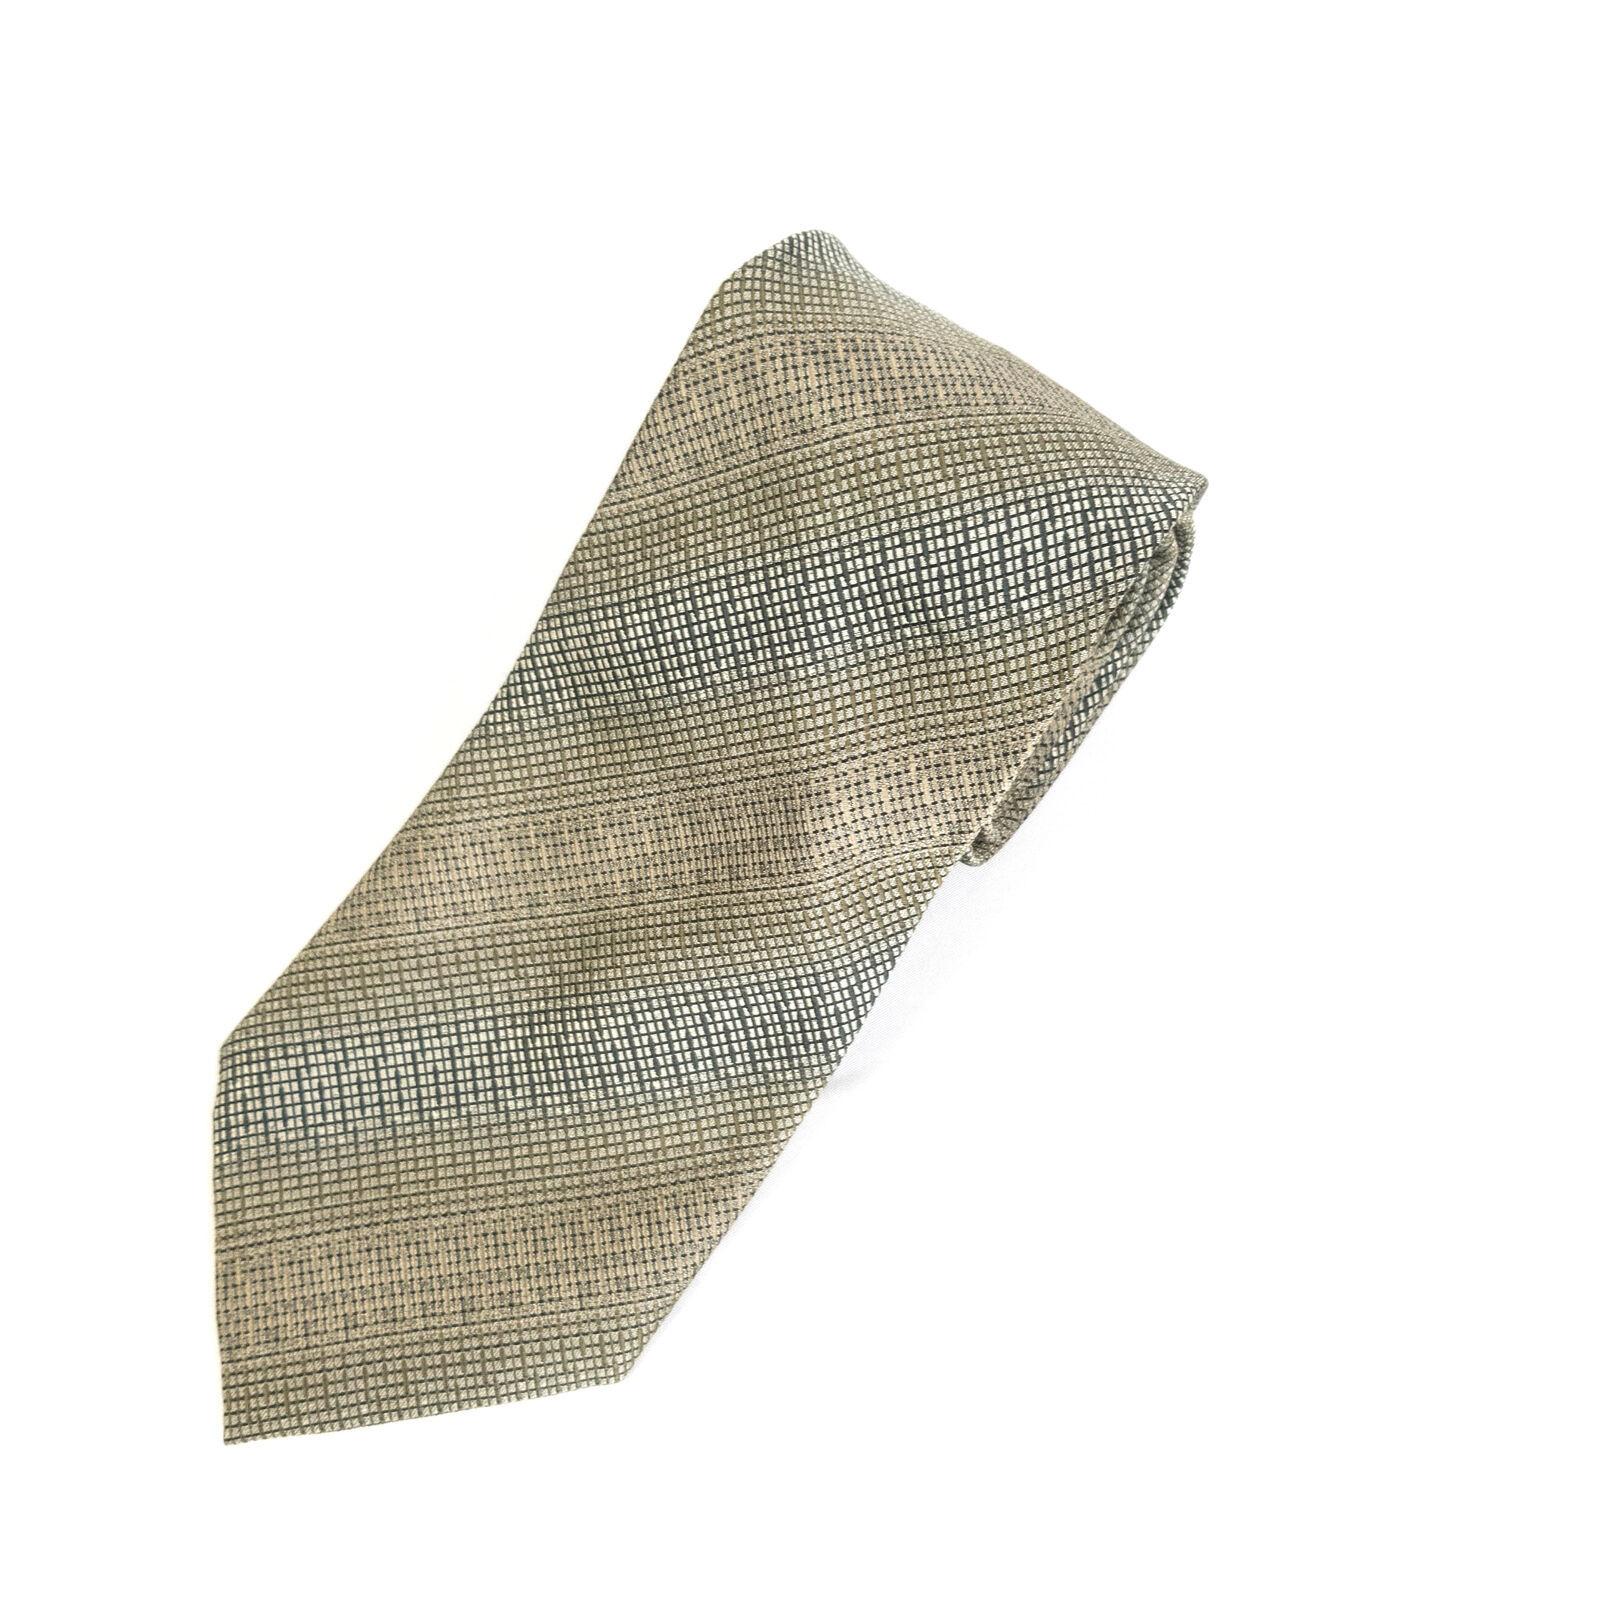 Kenneth Cole New York Green Geometric Silk Necktie Tie